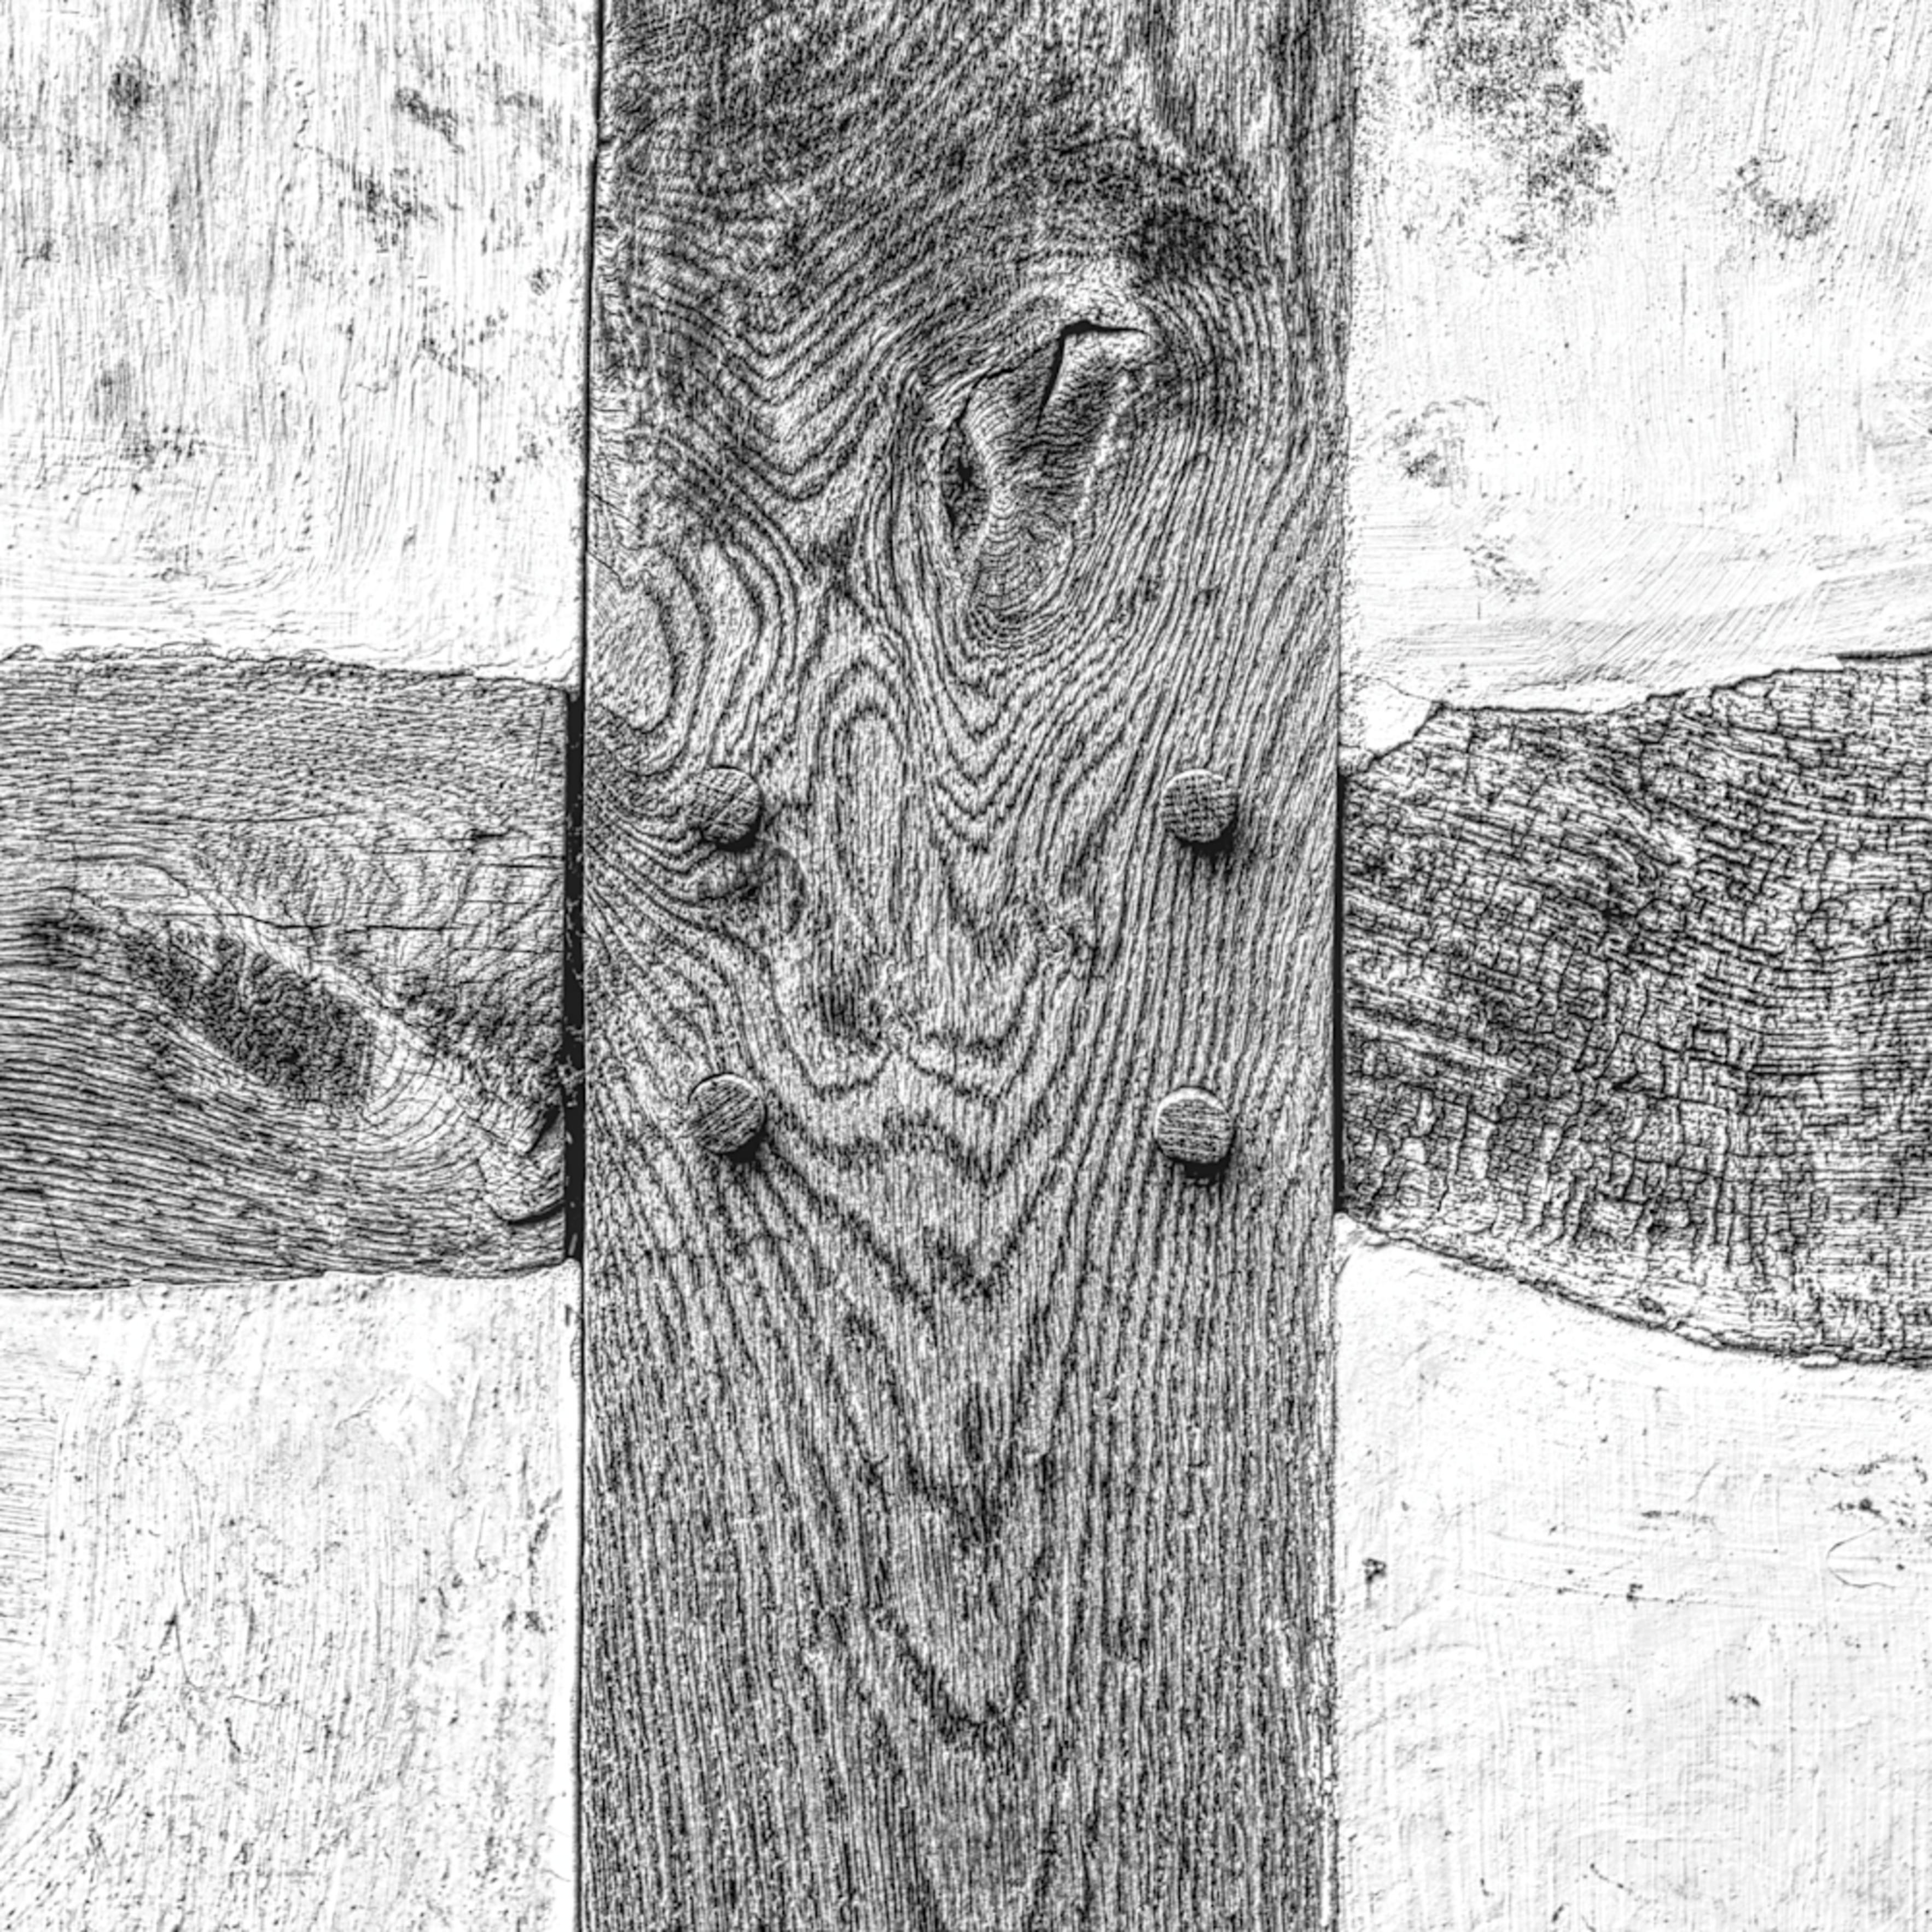 Wood 4 b w vbryrz